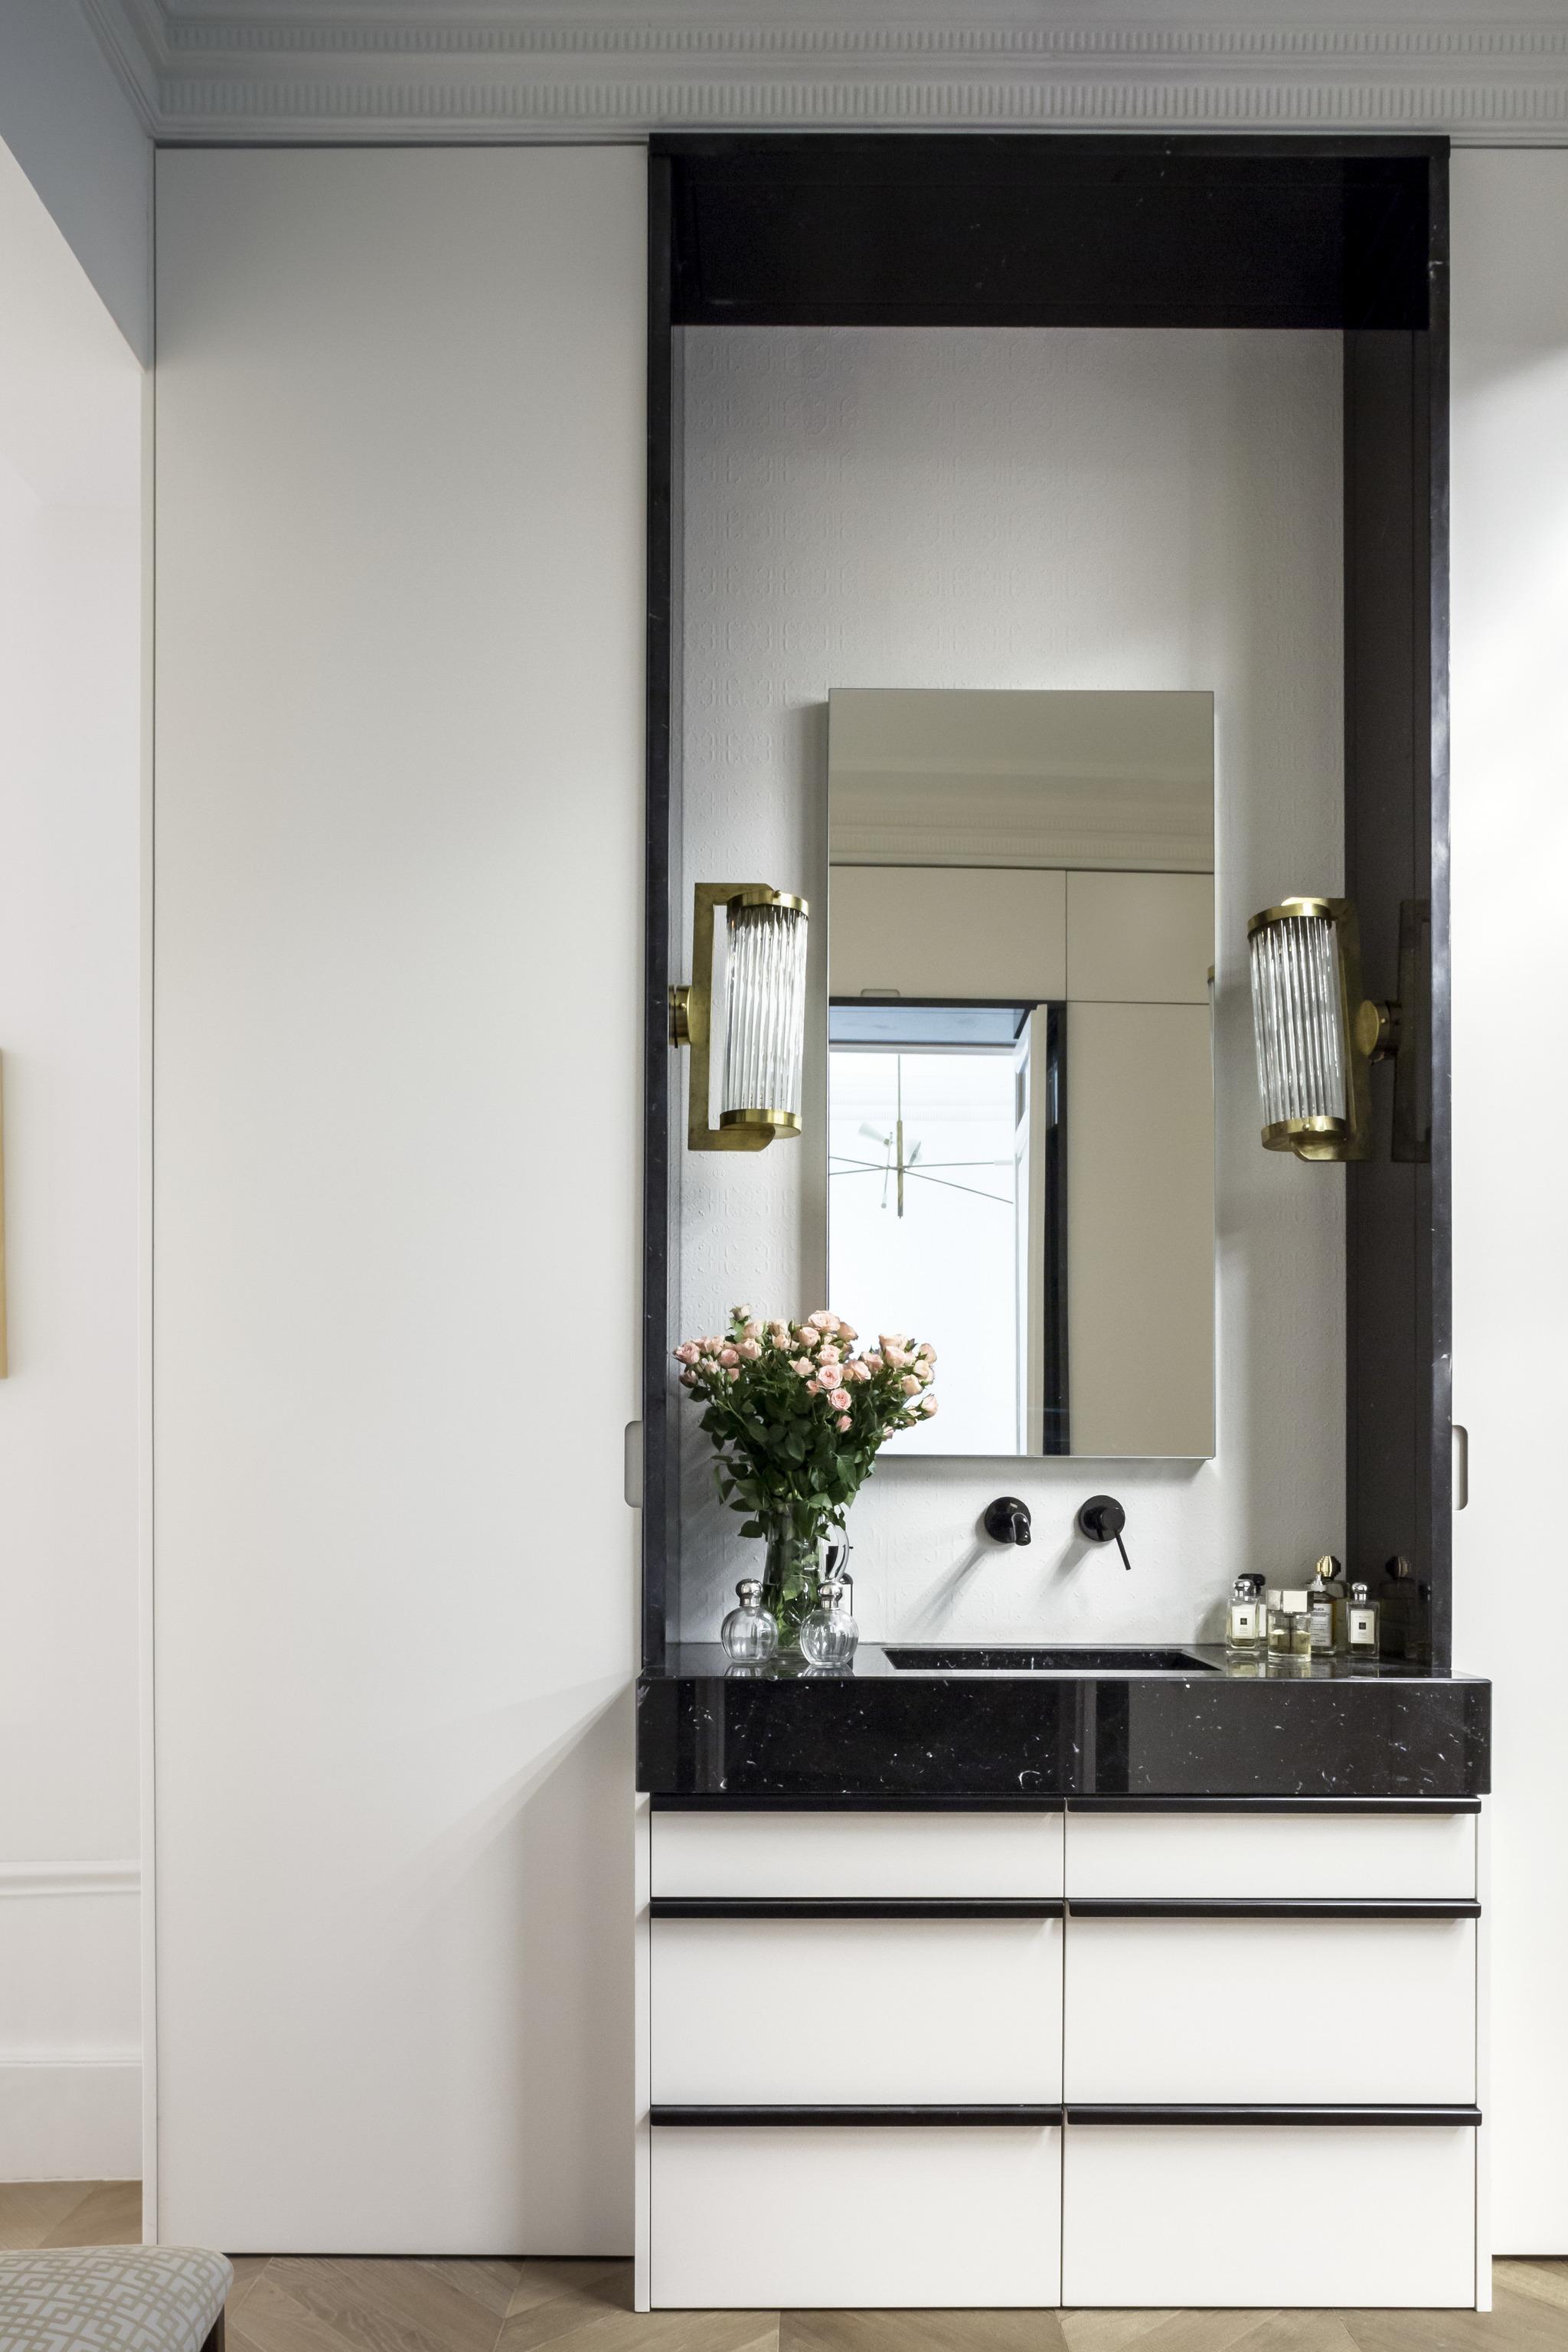 lavabo integrado en la habitación